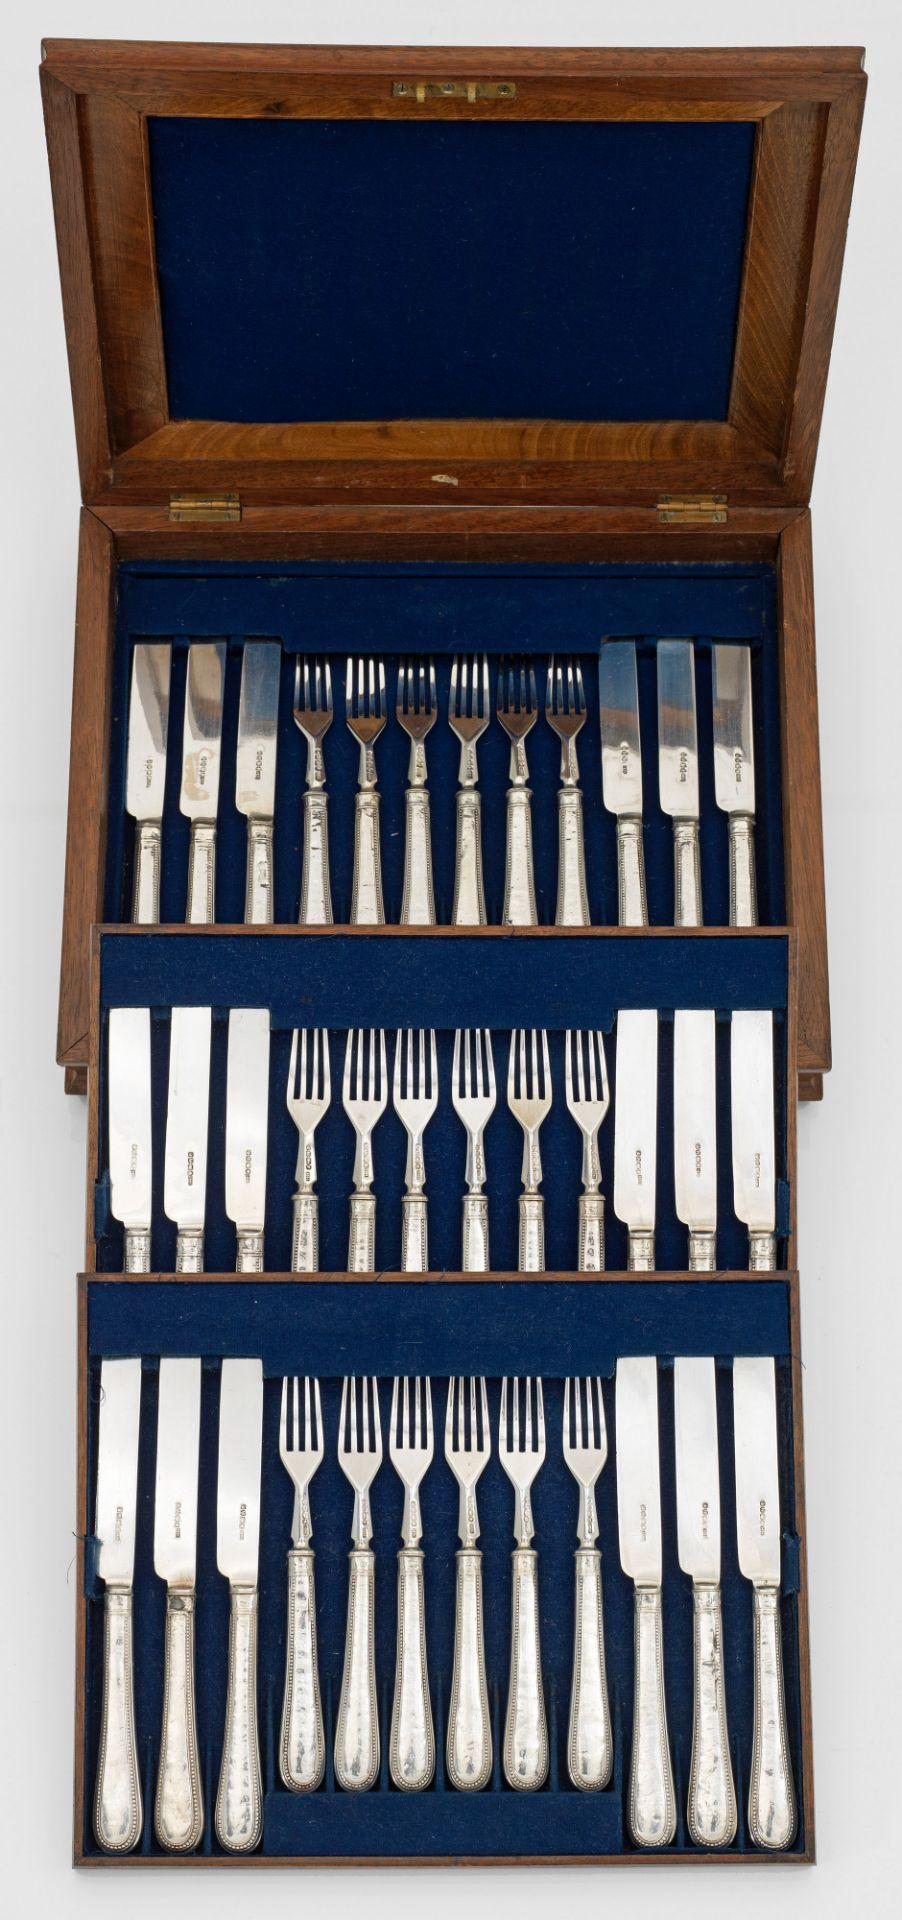 Speisebesteck für 18 Personen - Bild 2 aus 2